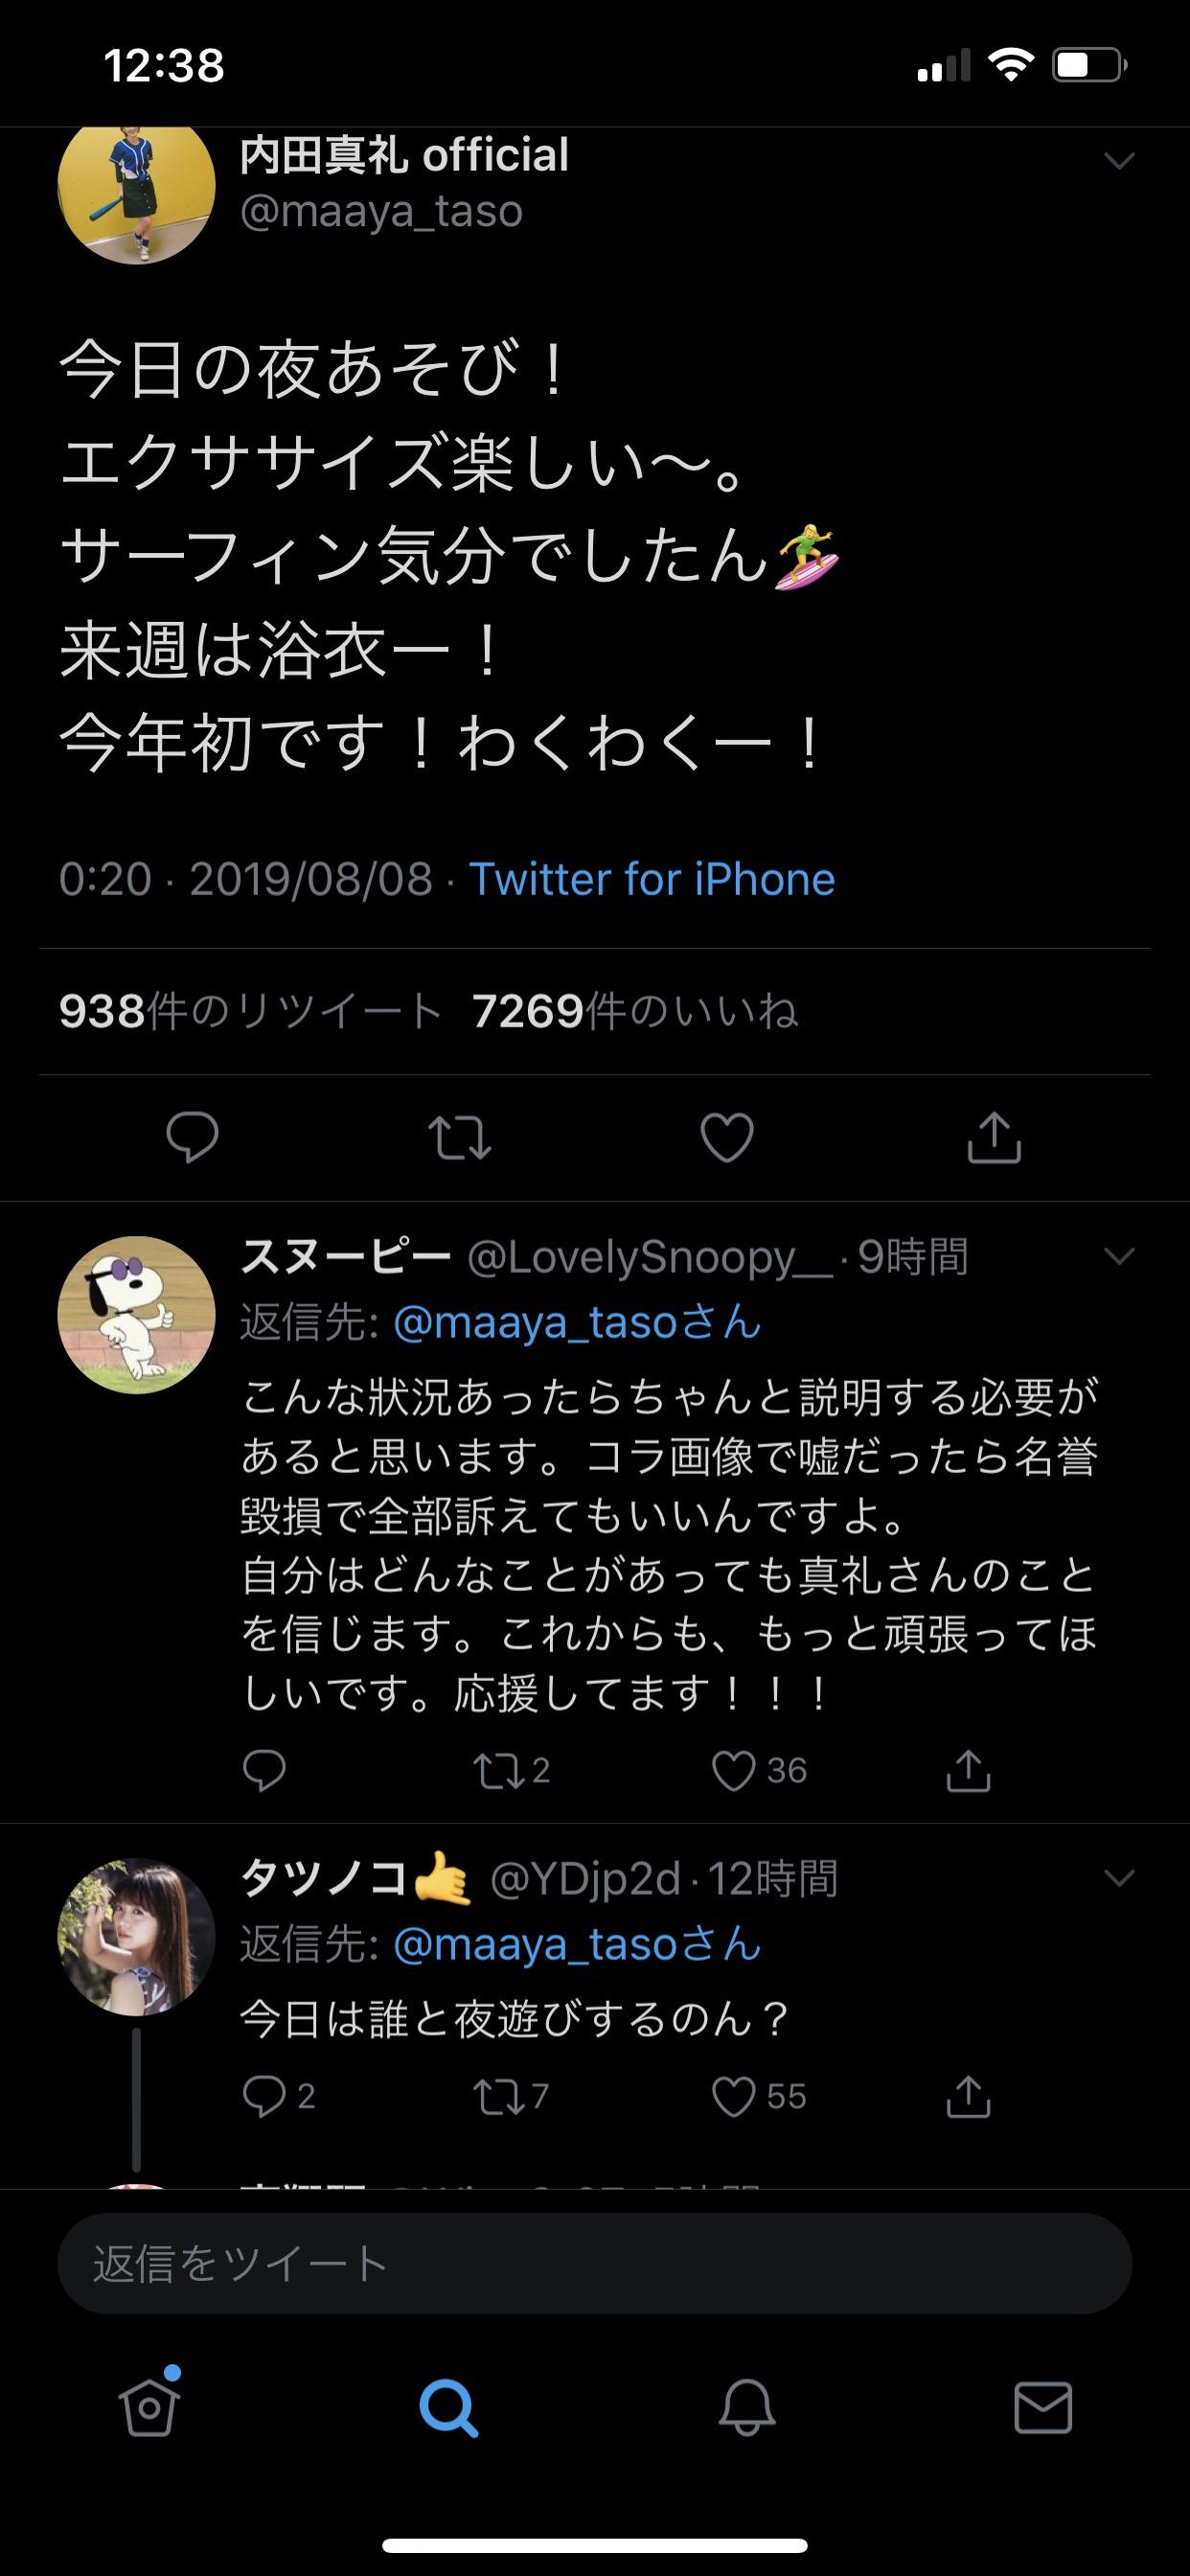 加藤 純一 内田 真 礼